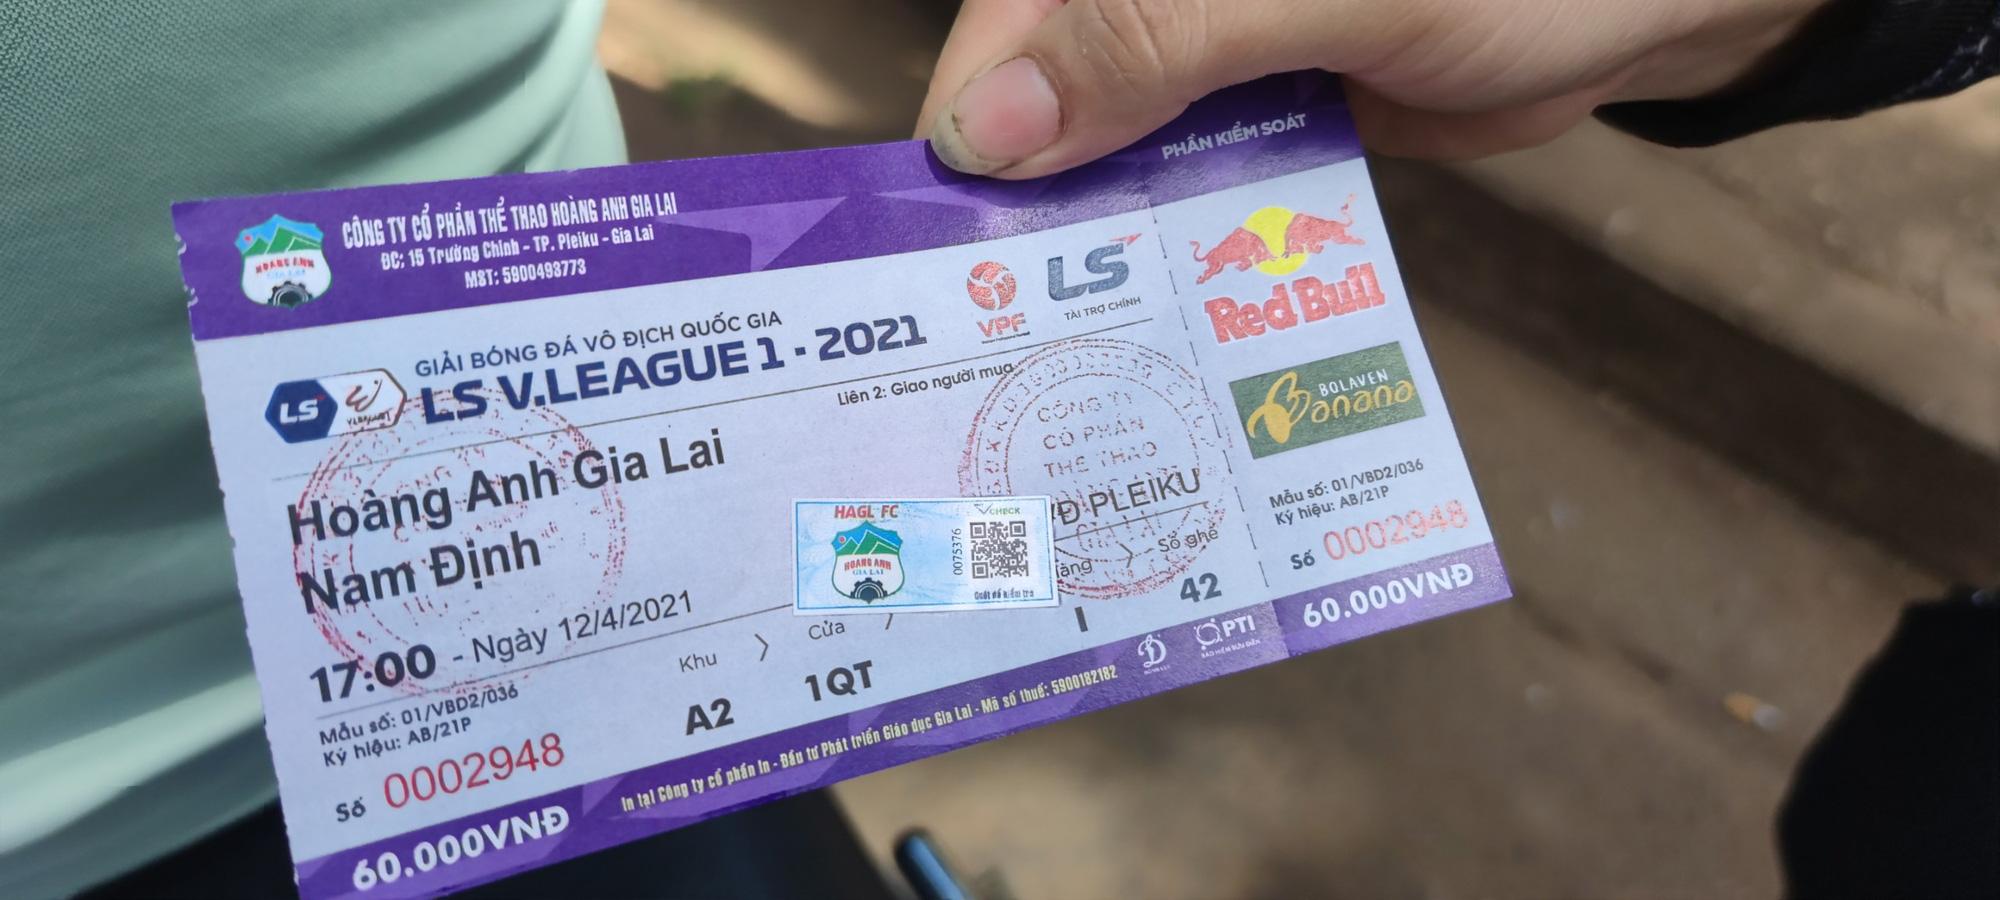 Căng thẳng vé xem HAGL tiếp Nam Định vòng 9 V.League 2021 - Ảnh 2.